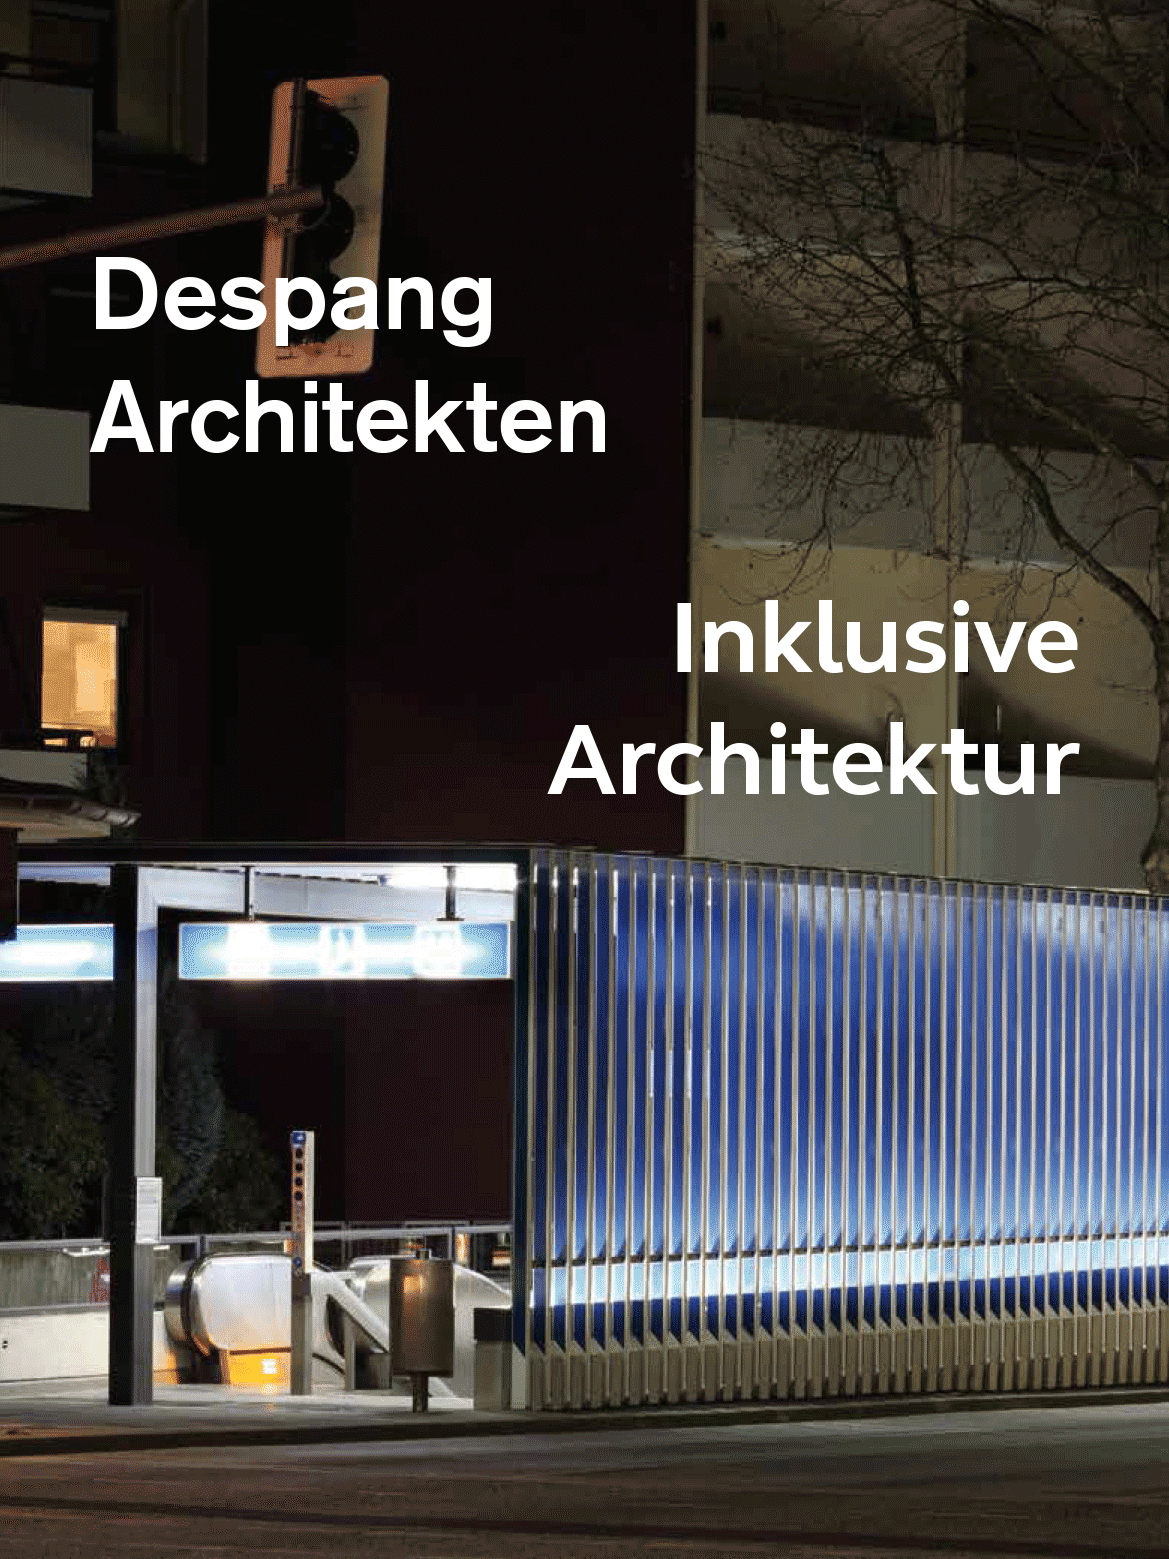 Produkt schlagw rter zeitgen ssische architektur ff publishers - Despang architekten ...